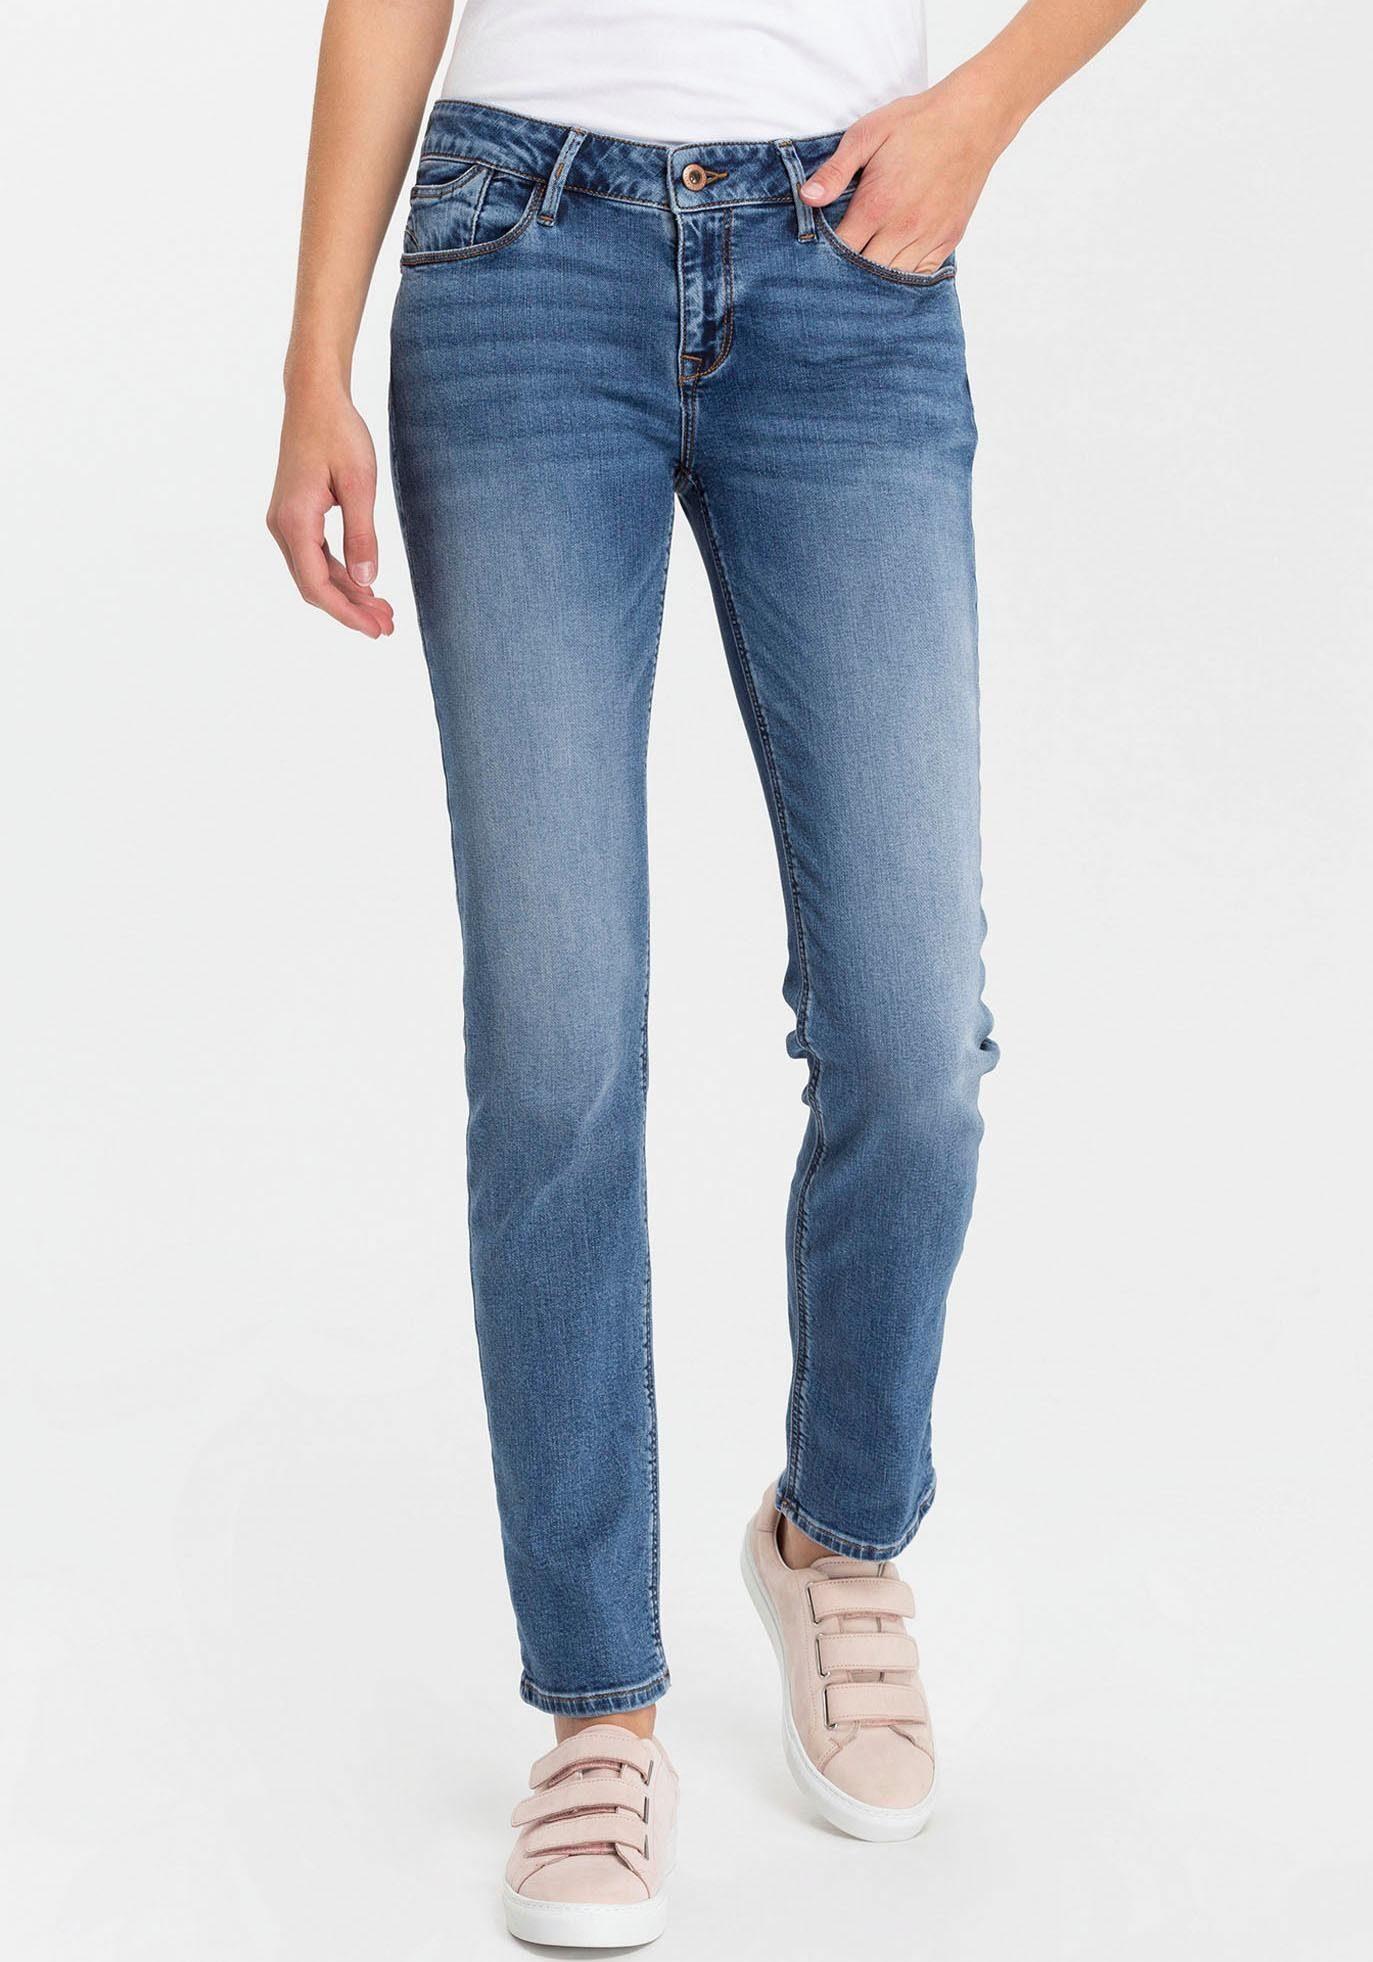 Cross Jeans® Regular fit Jeans »Rose« Regular Fit Jeans mit typischen Detaills online kaufen | OTTO